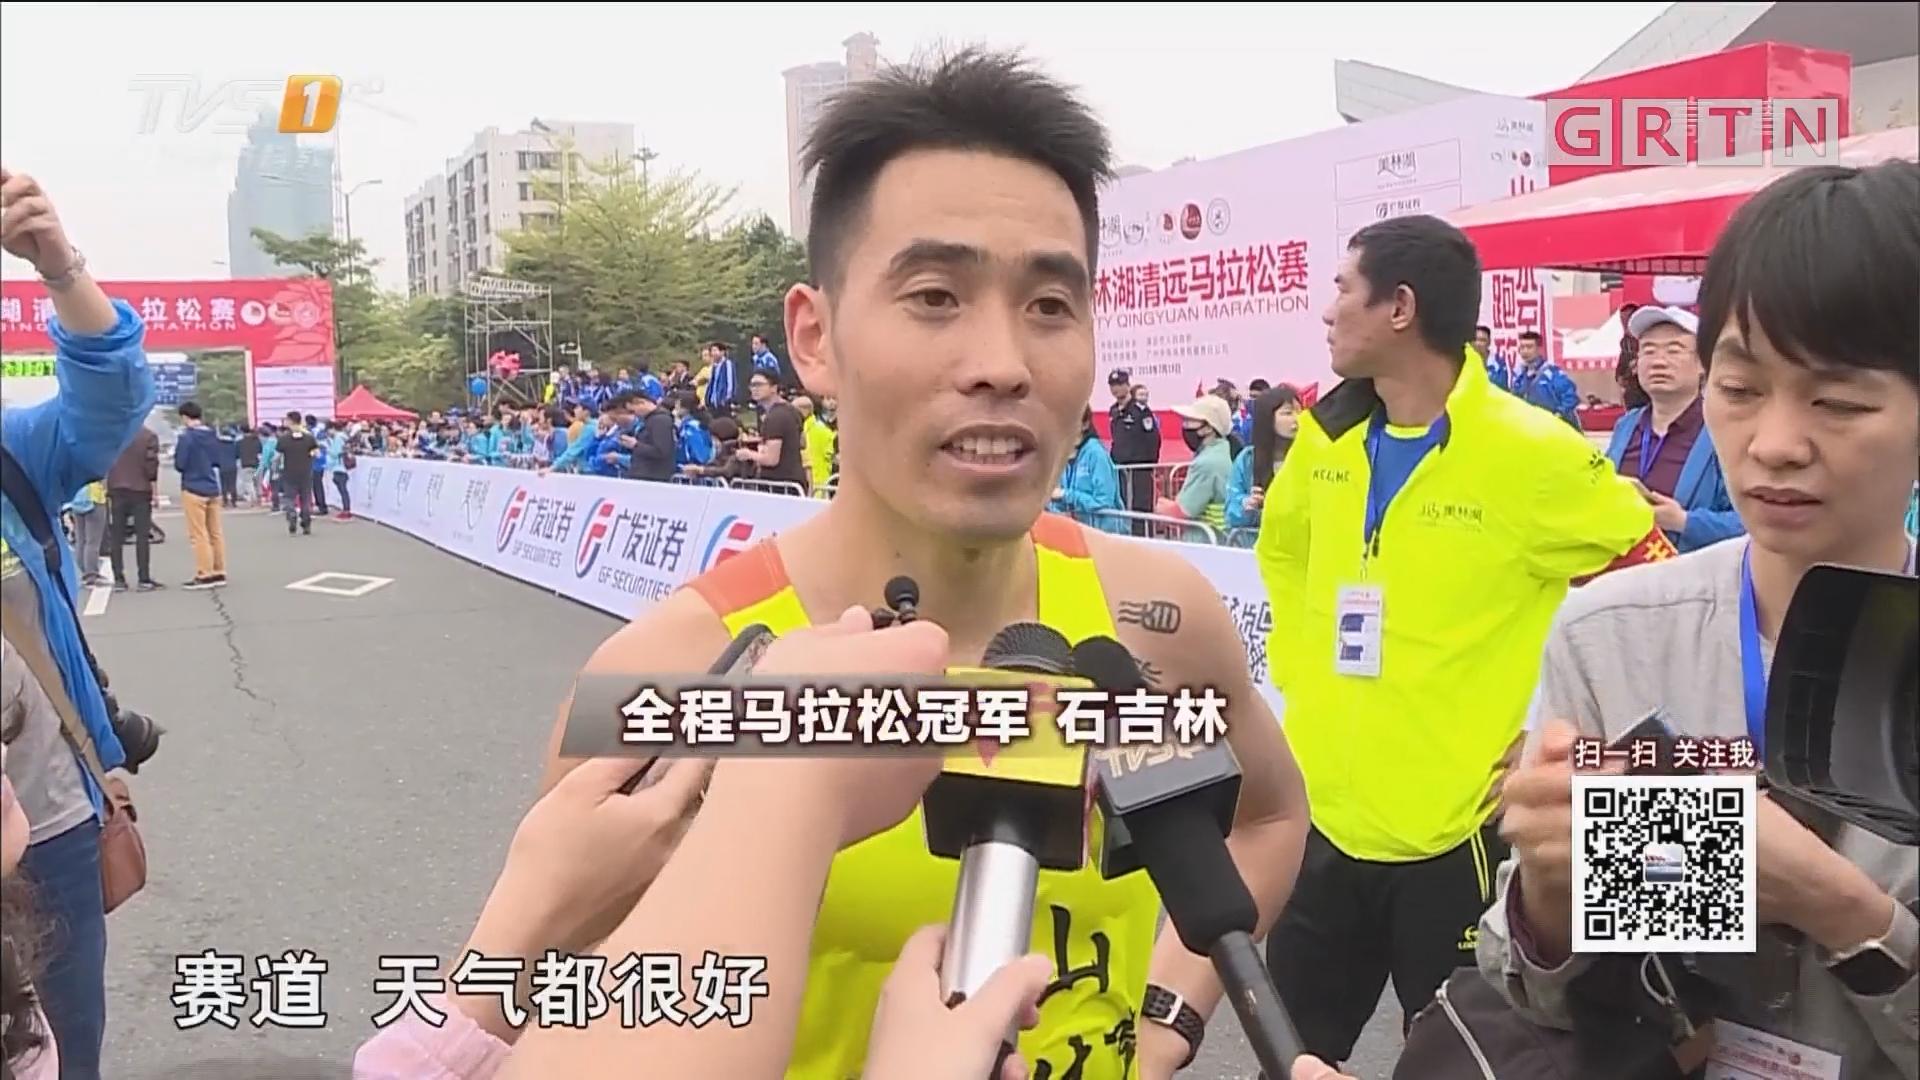 第四届清远马拉松今天开跑